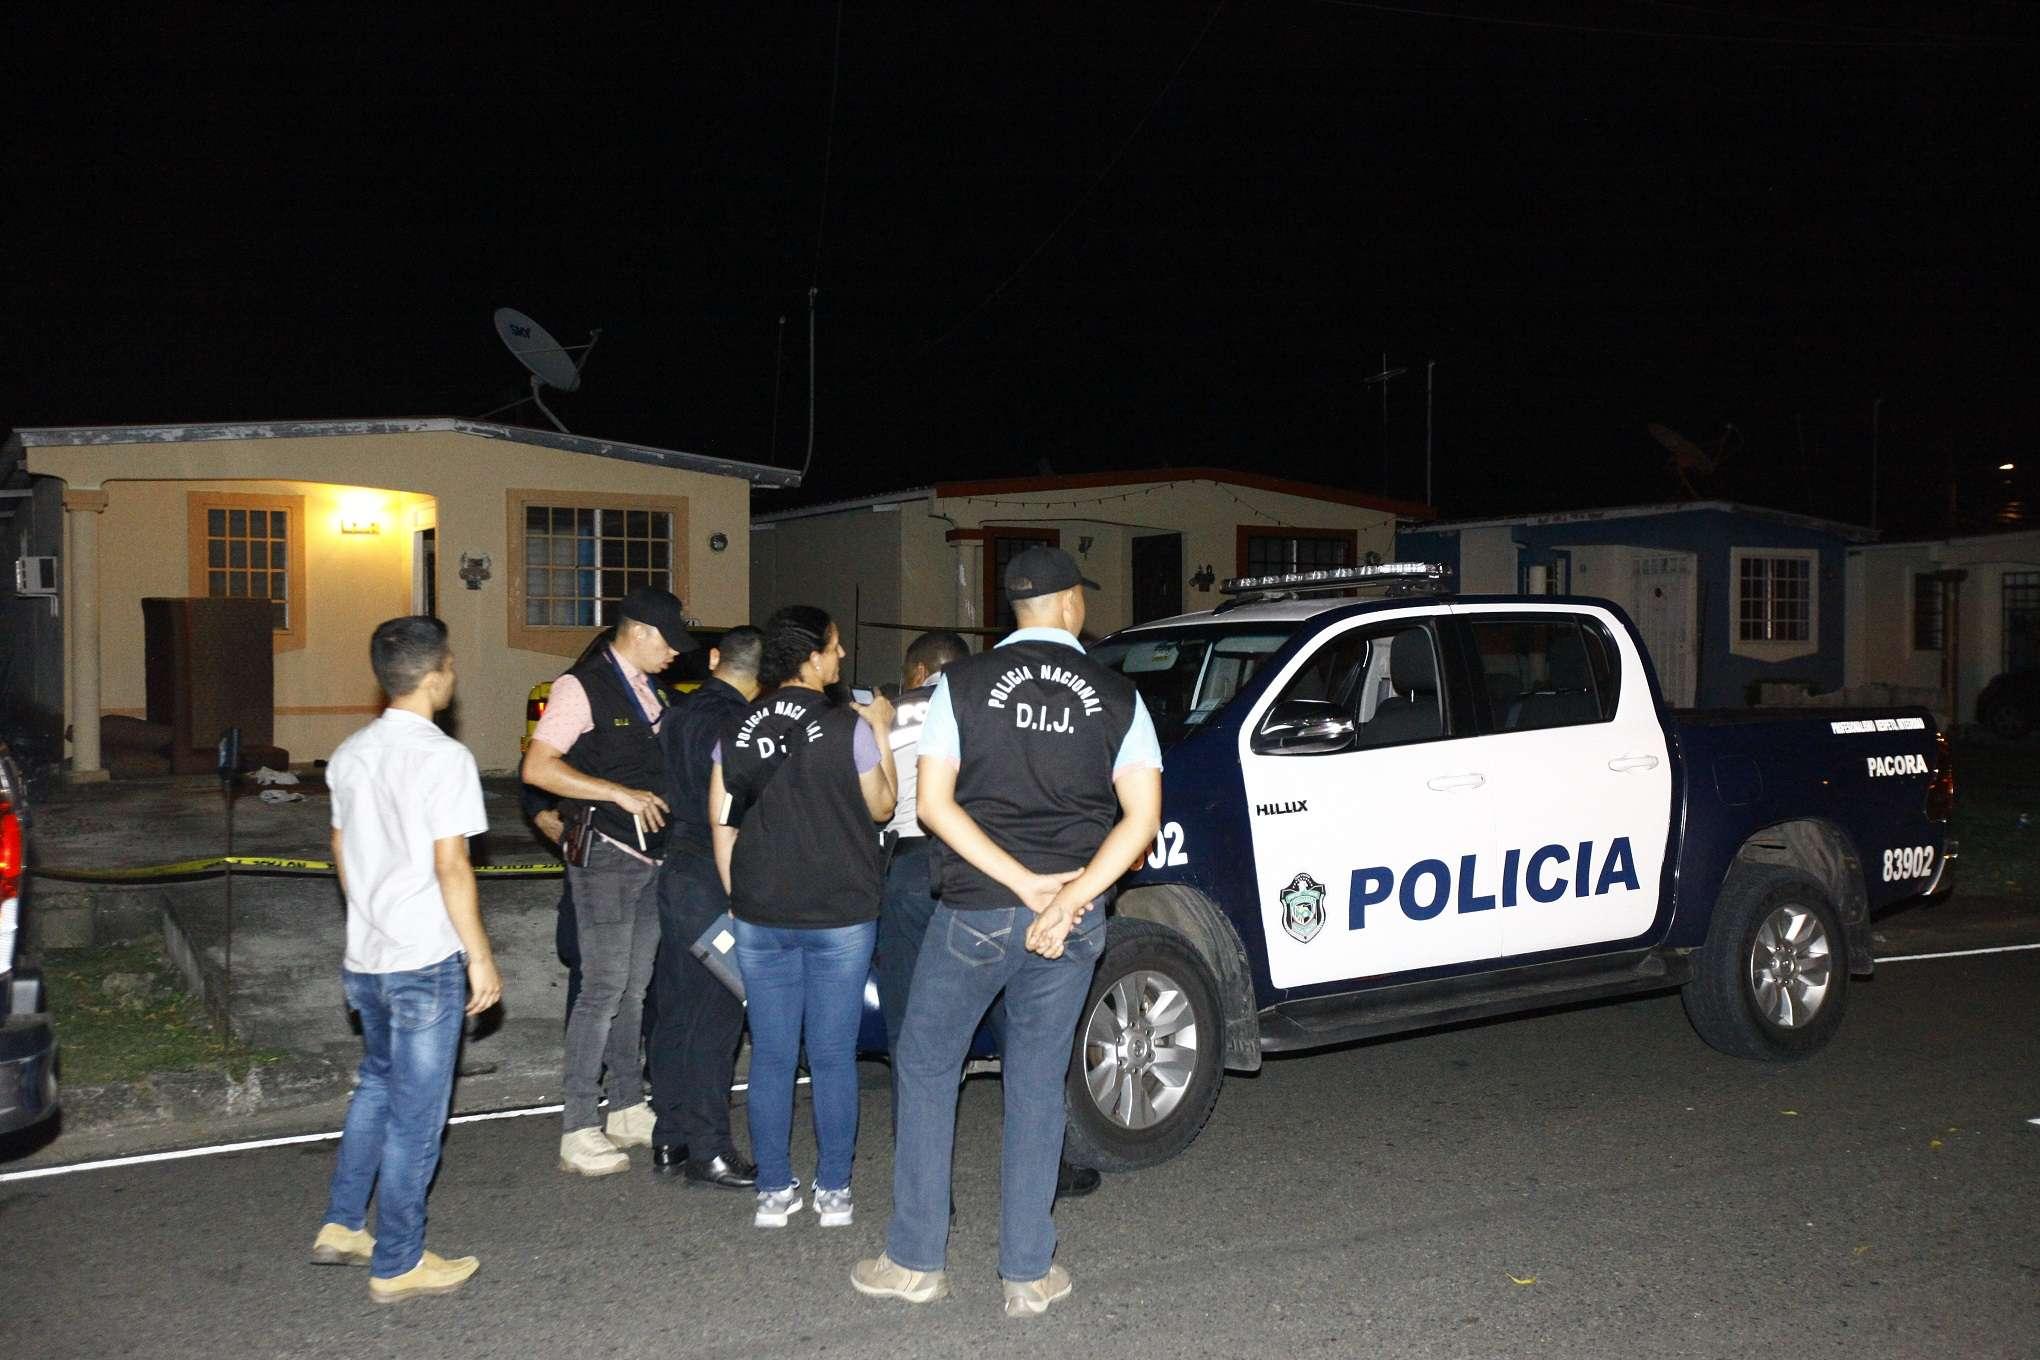 La Policía Nacional y otras autoridades llegaron a la escena del crimen, la noche de los hechos.